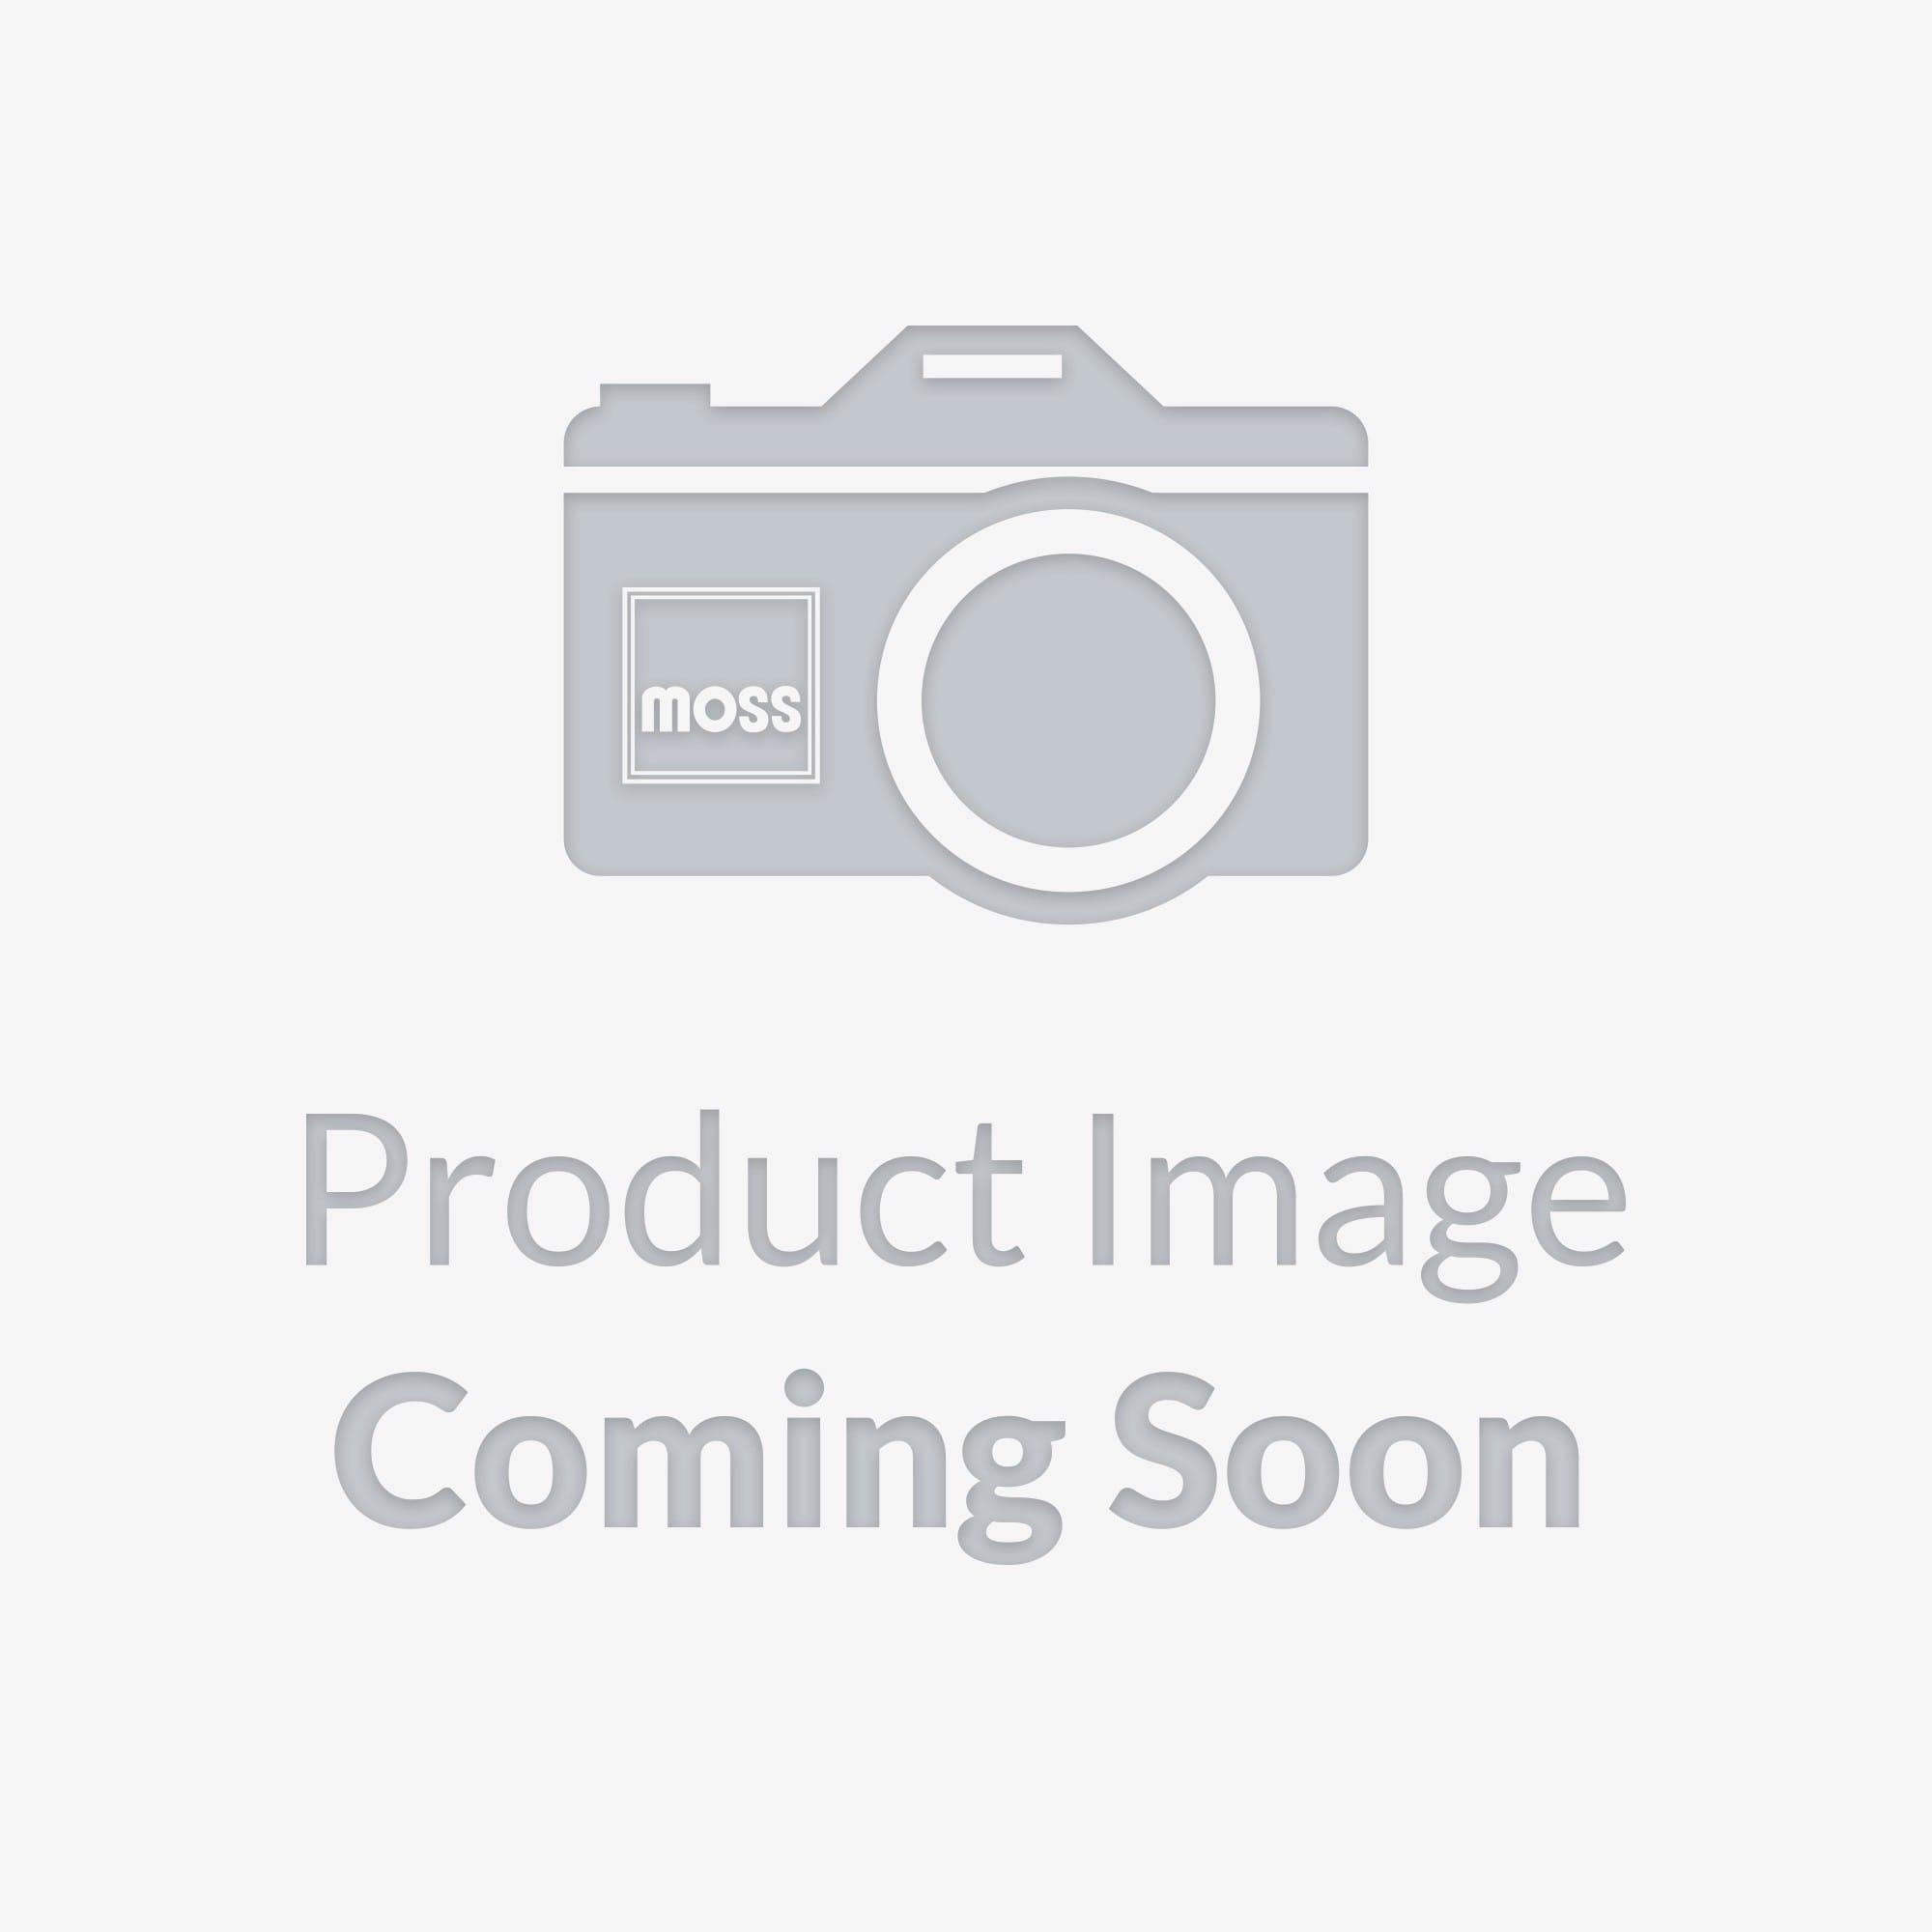 90-96 Chrysler Dynasty 3.3L V6 OHV 12v VIN R T Head Gasket Set Bolt Kit Fits